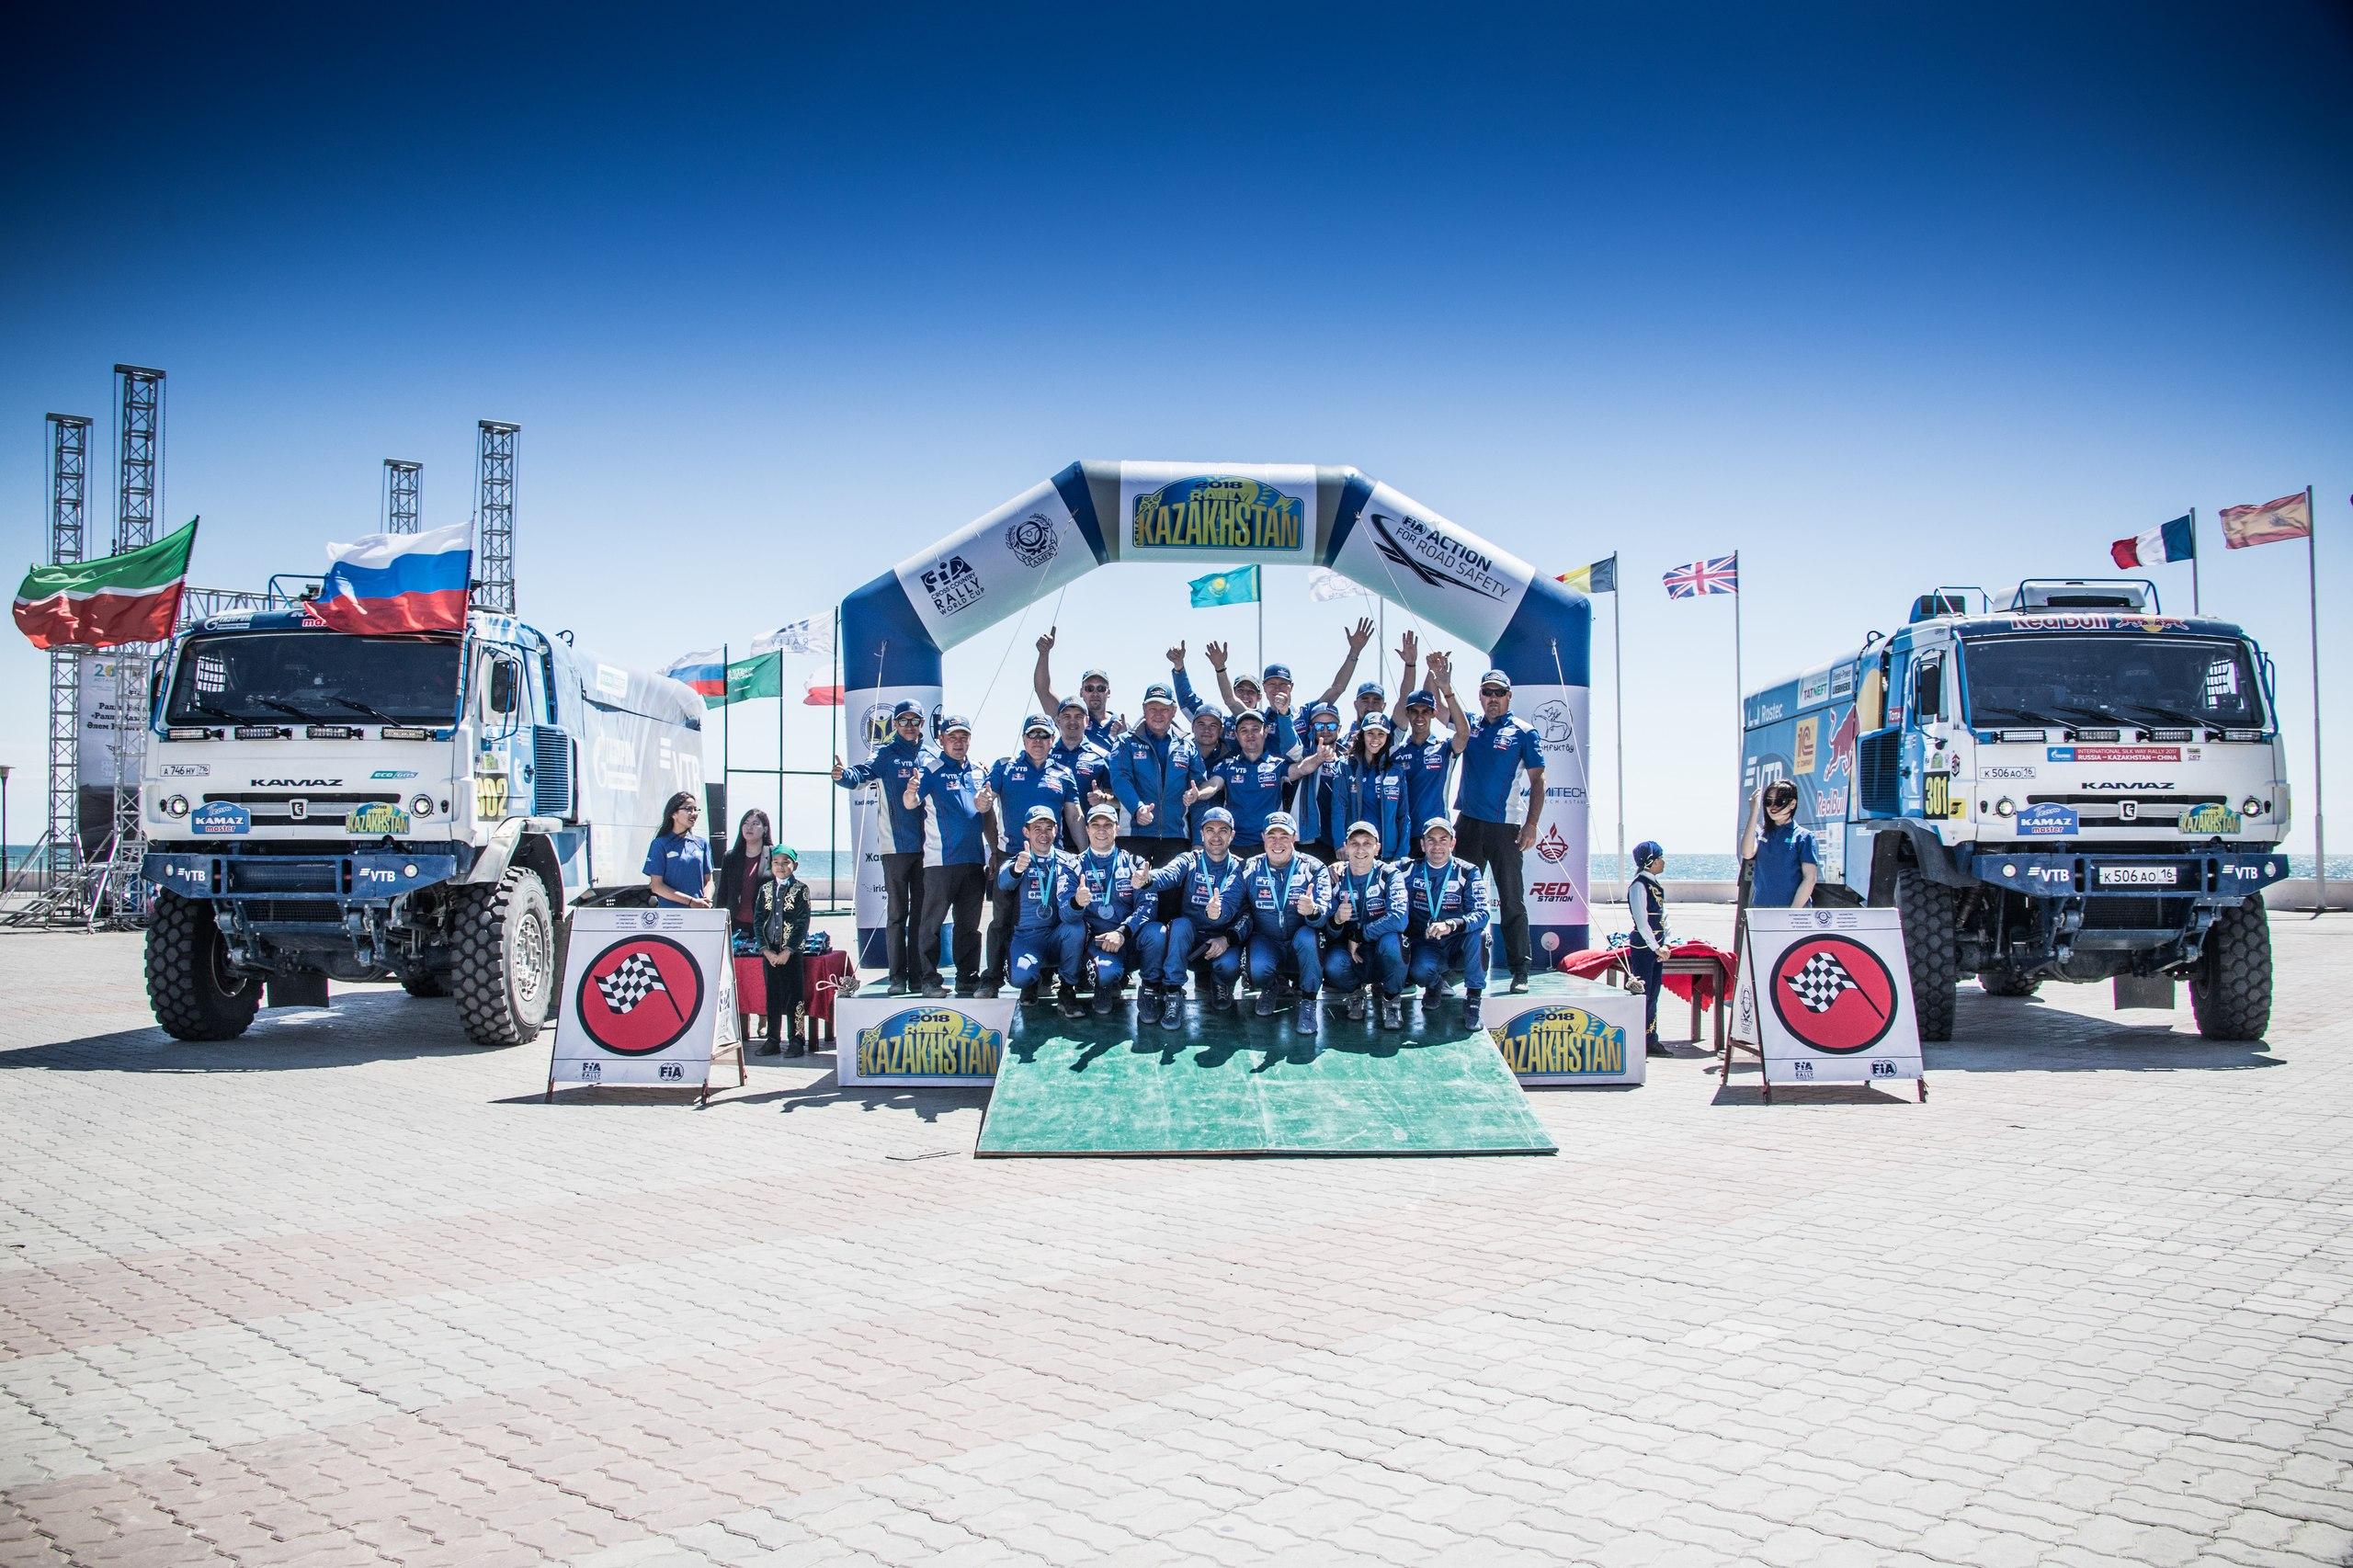 «Ралли Казахстан-2018»: тестирование прошло успешно